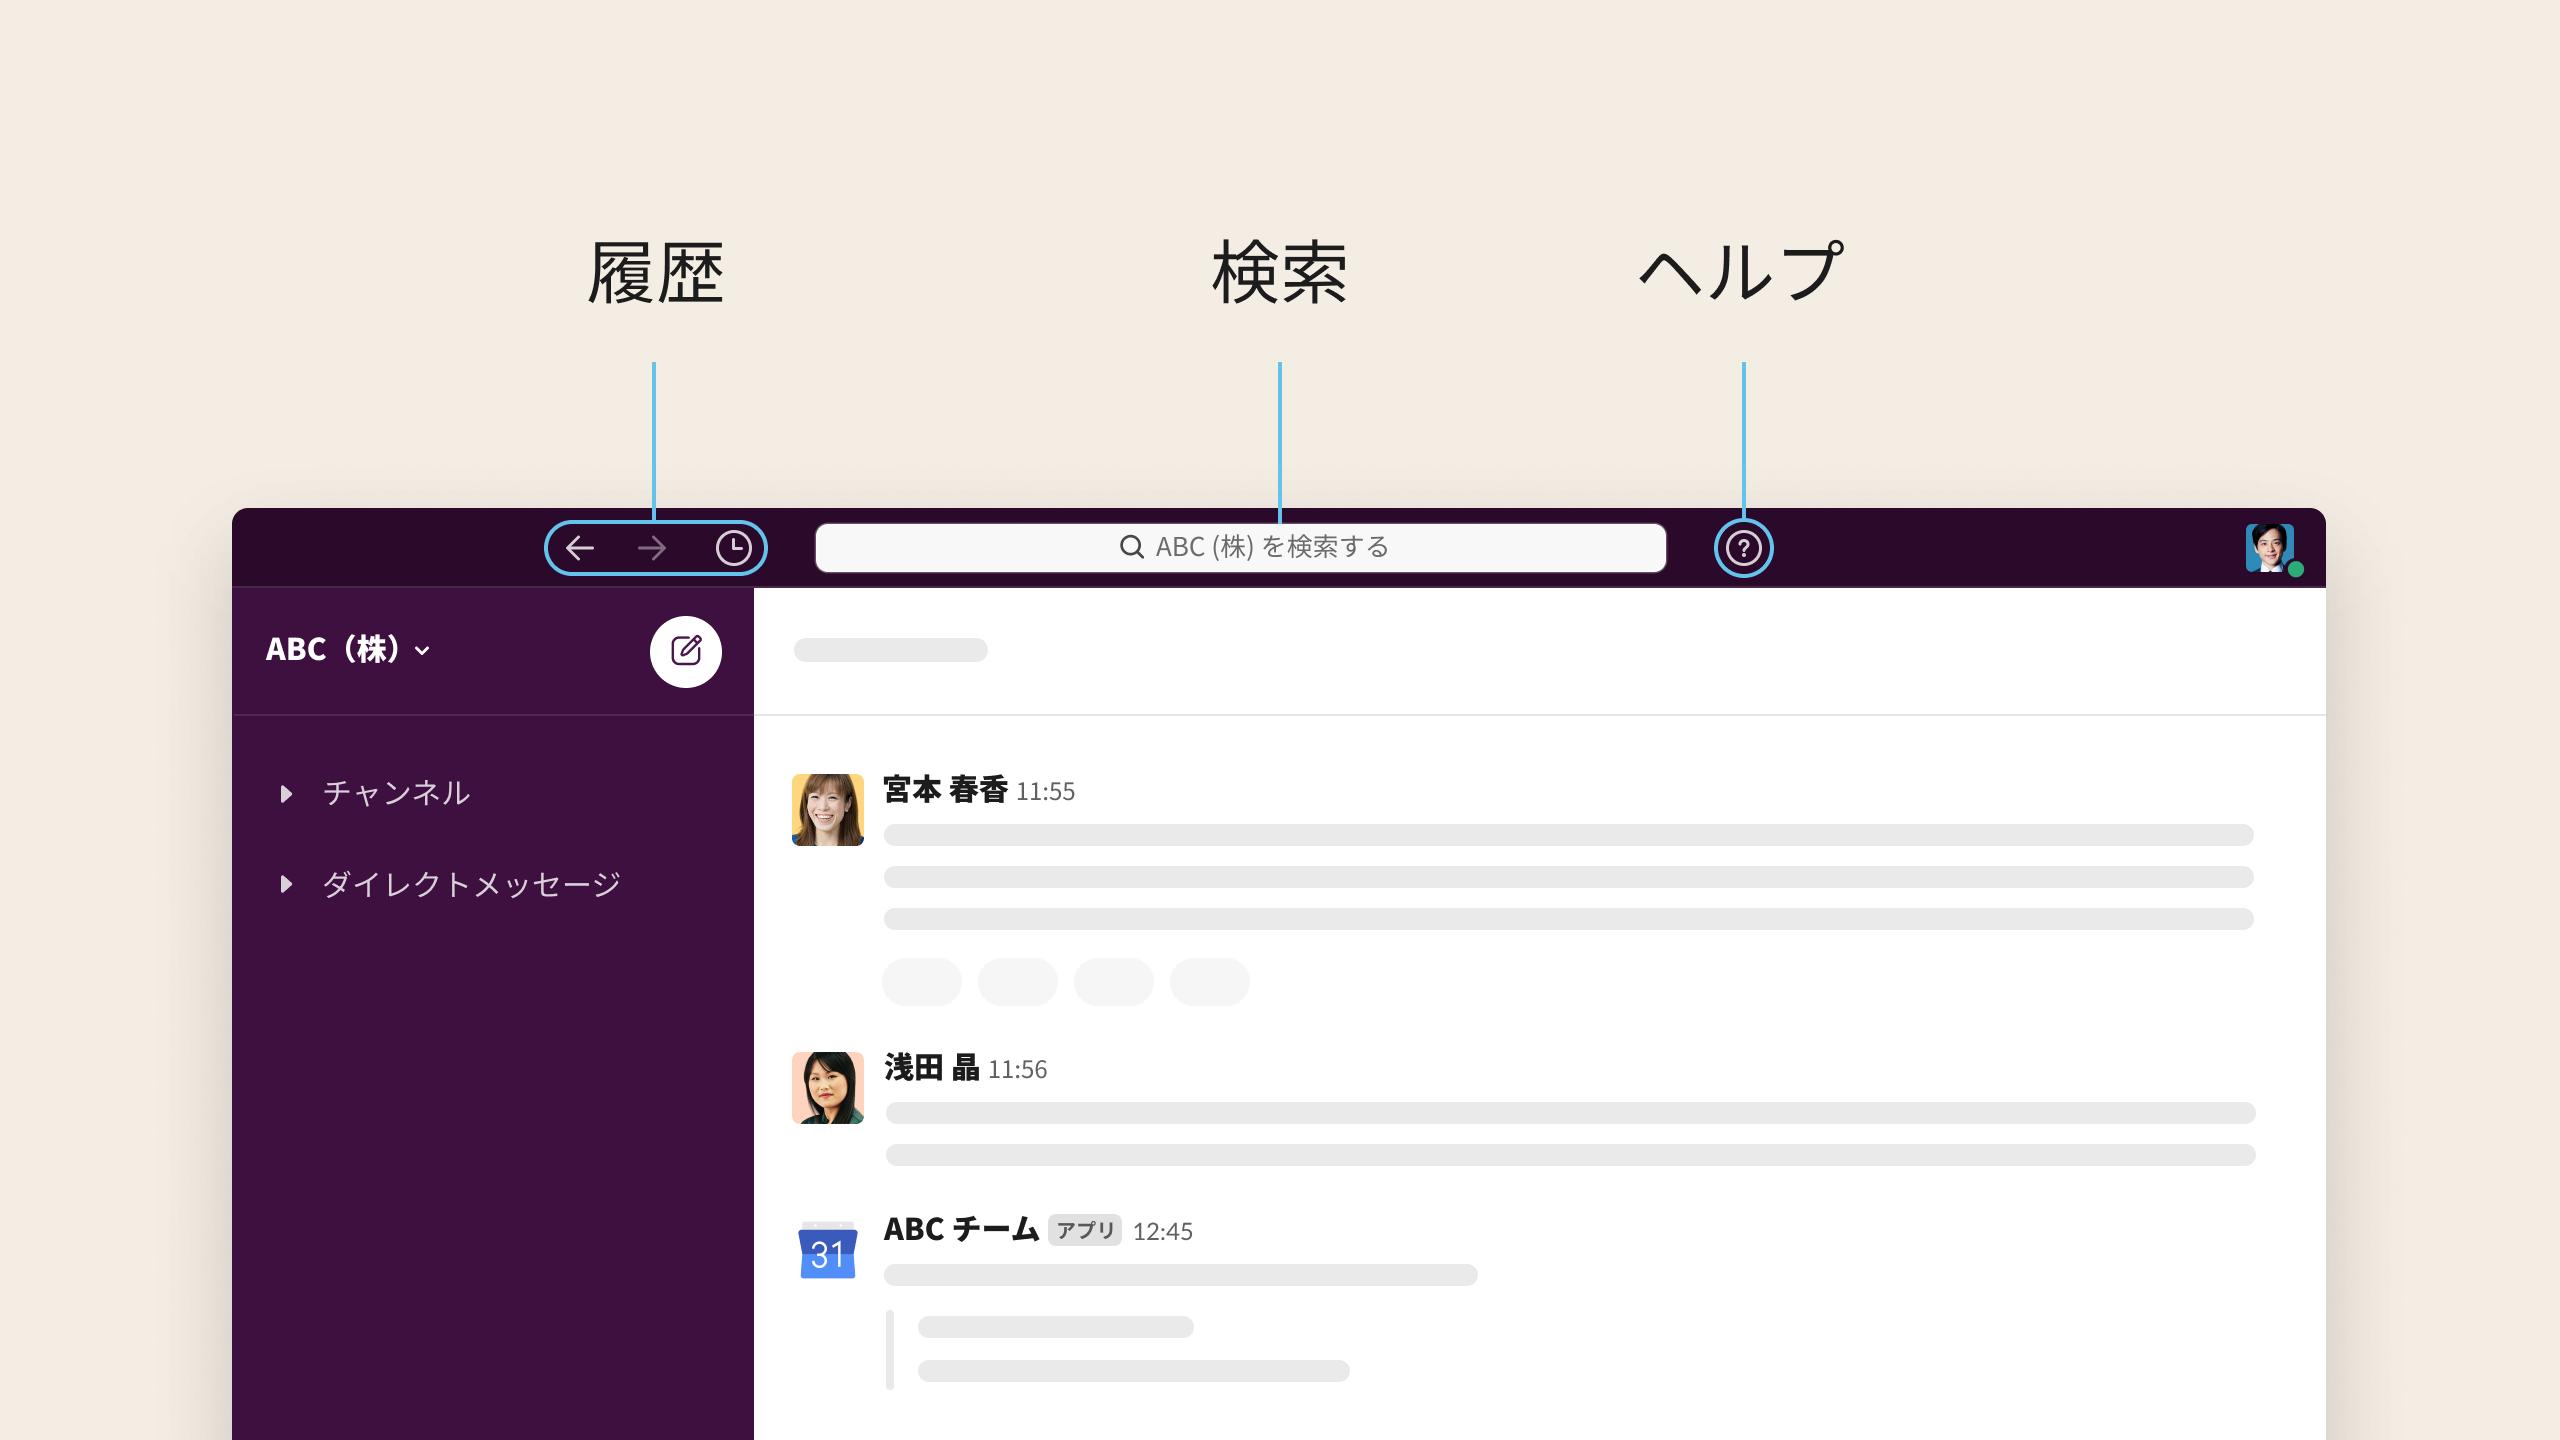 Slack デスクトップアプリの上部に、ナビゲーションアイコンや検索バーが表示されている